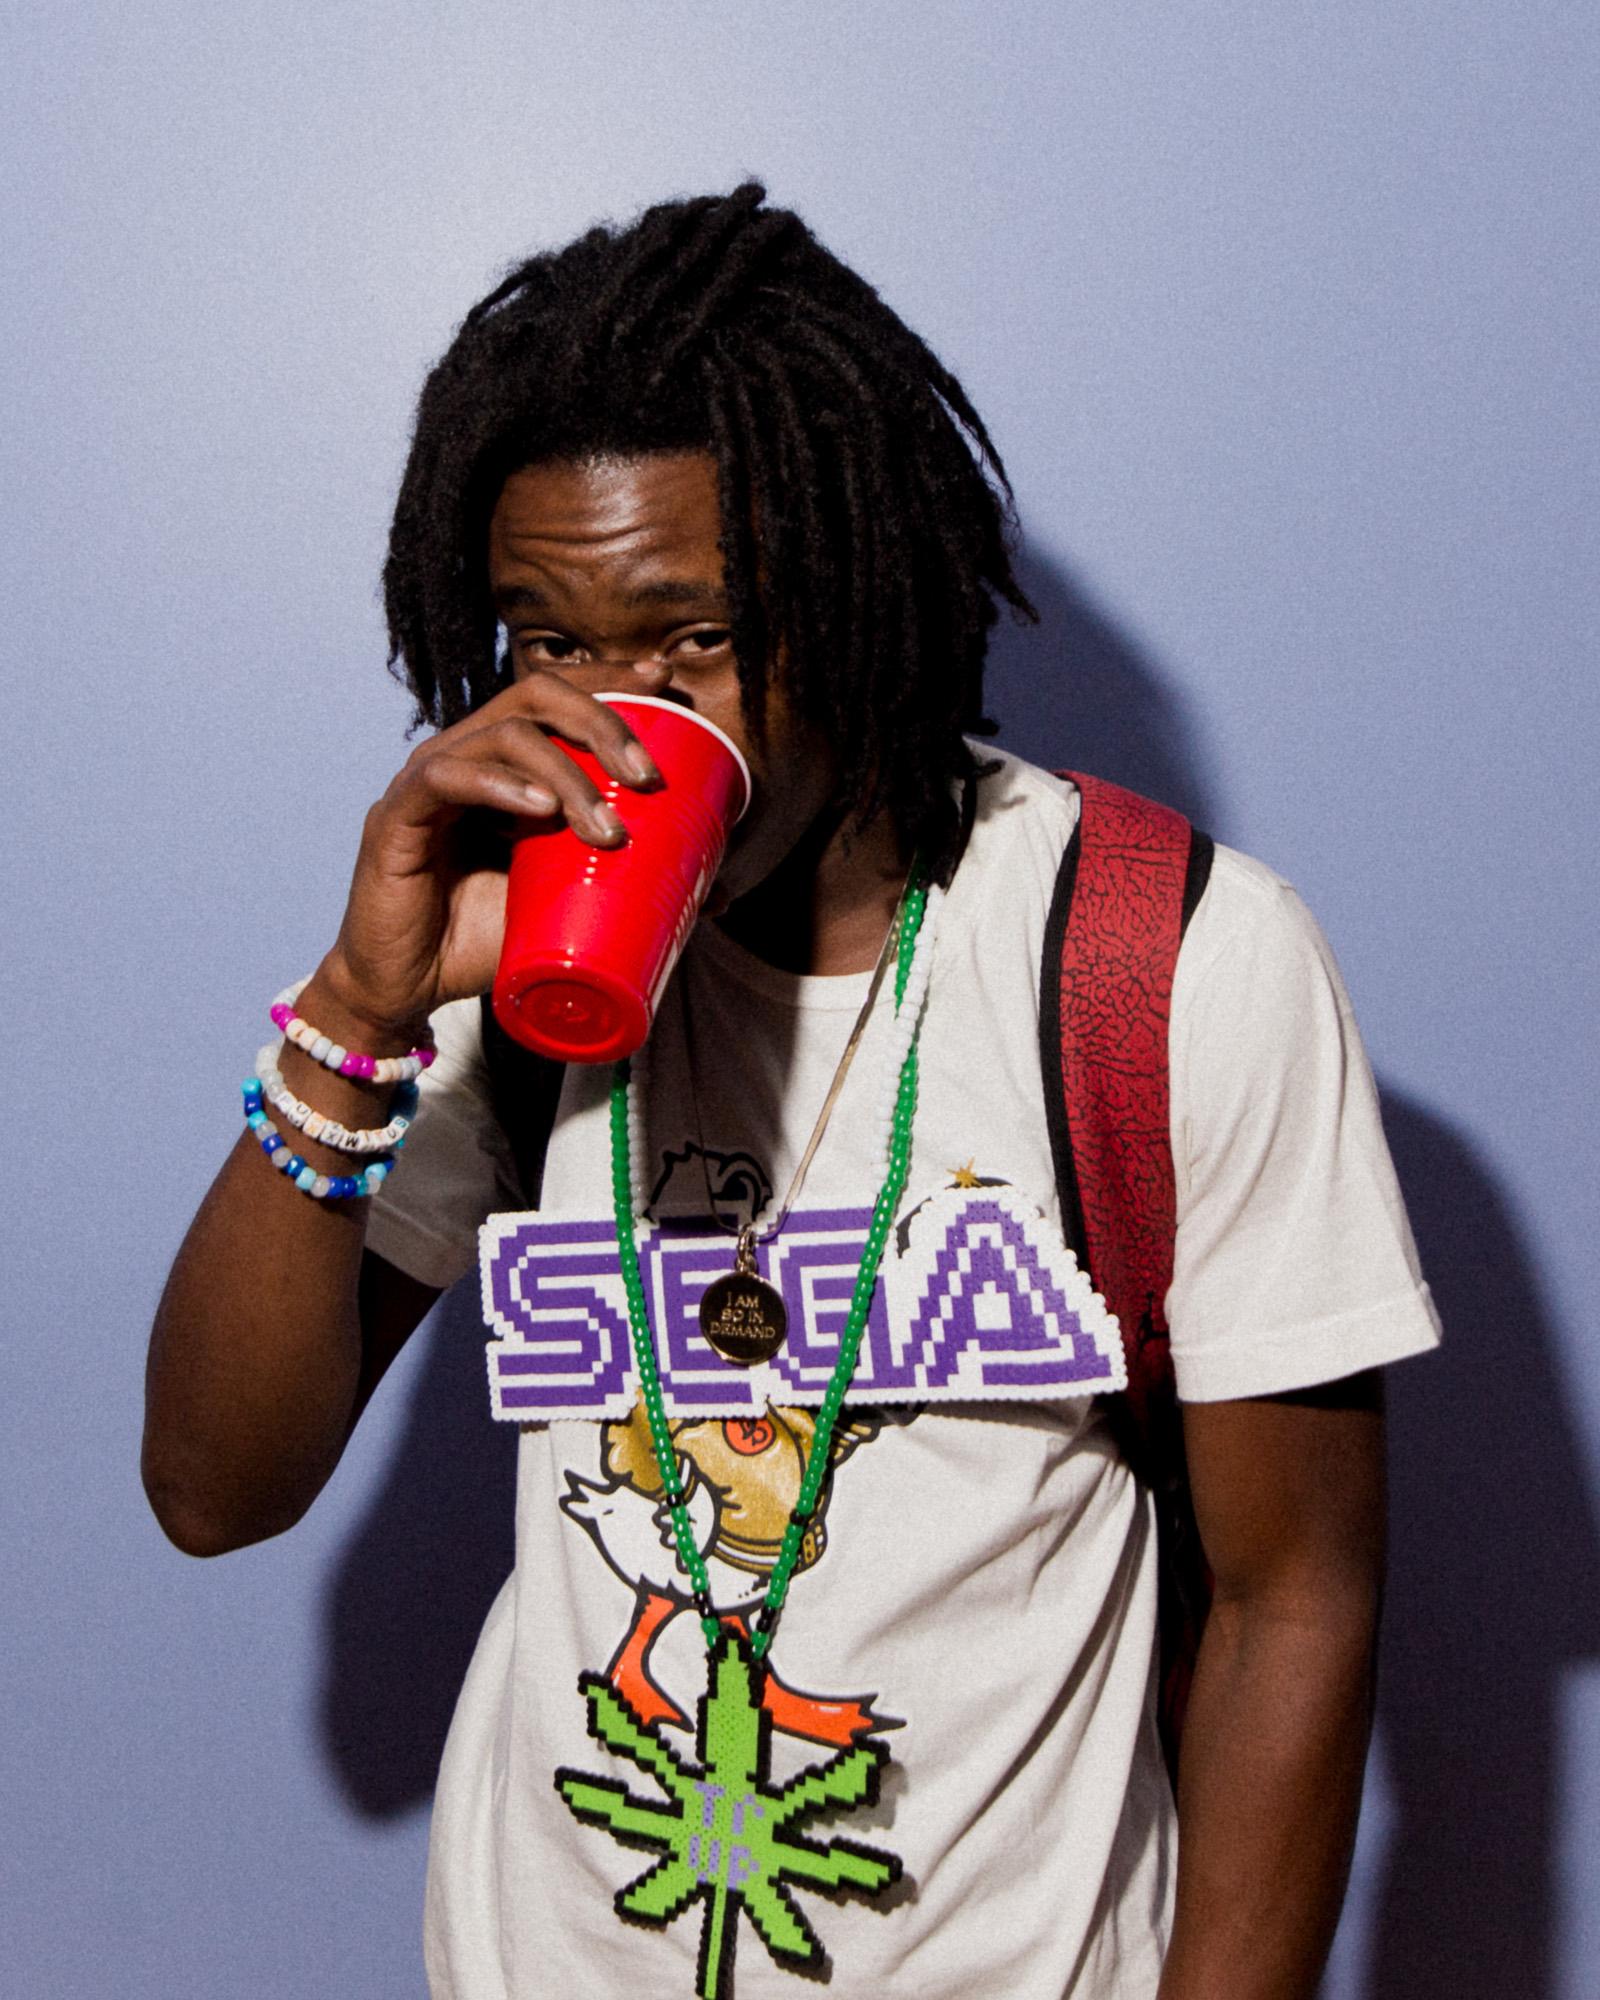 DJ Sega